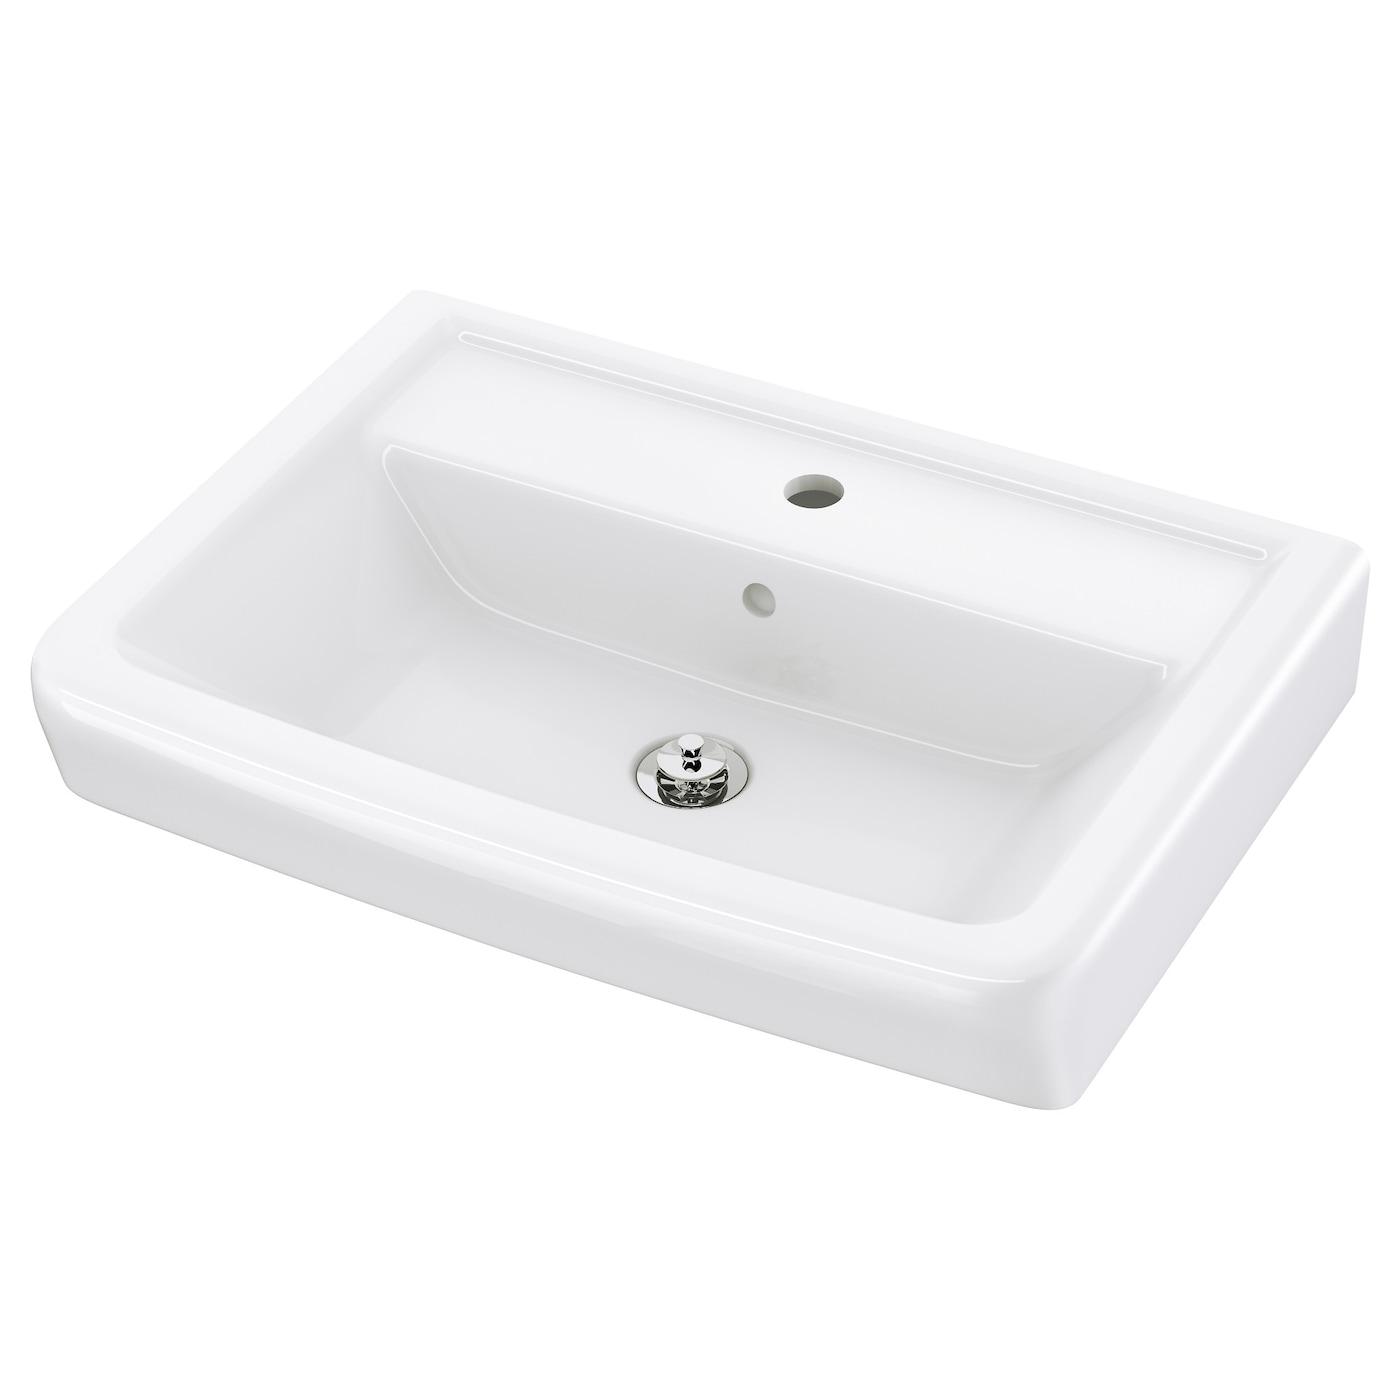 Bathroom sinks wash basins ikea ireland dublin for Wash basin bathroom sink